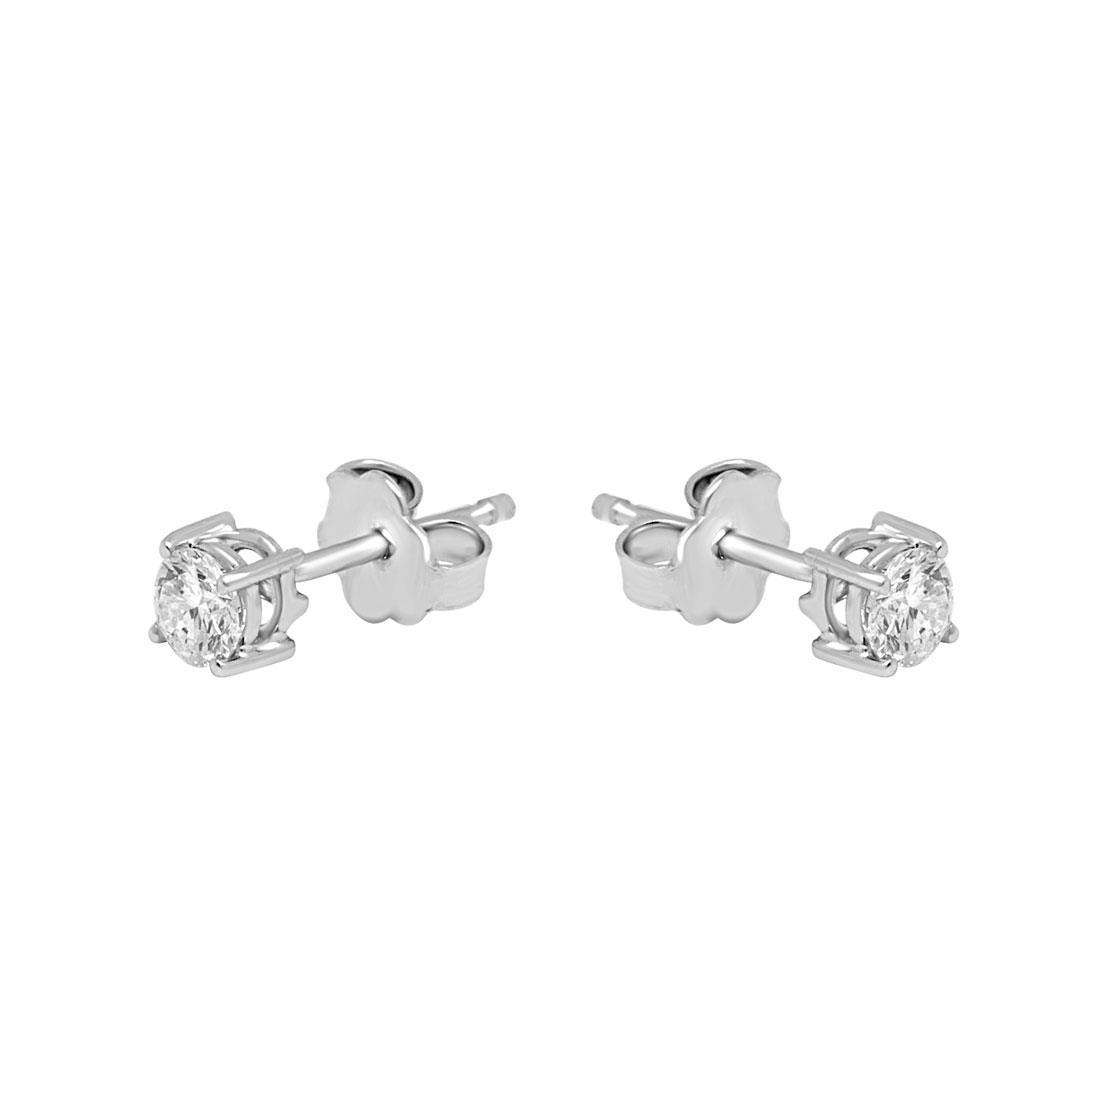 Orecchini punto luce in oro bianco con diamanti ct 0.50 - ALFIERI & ST.JOHN